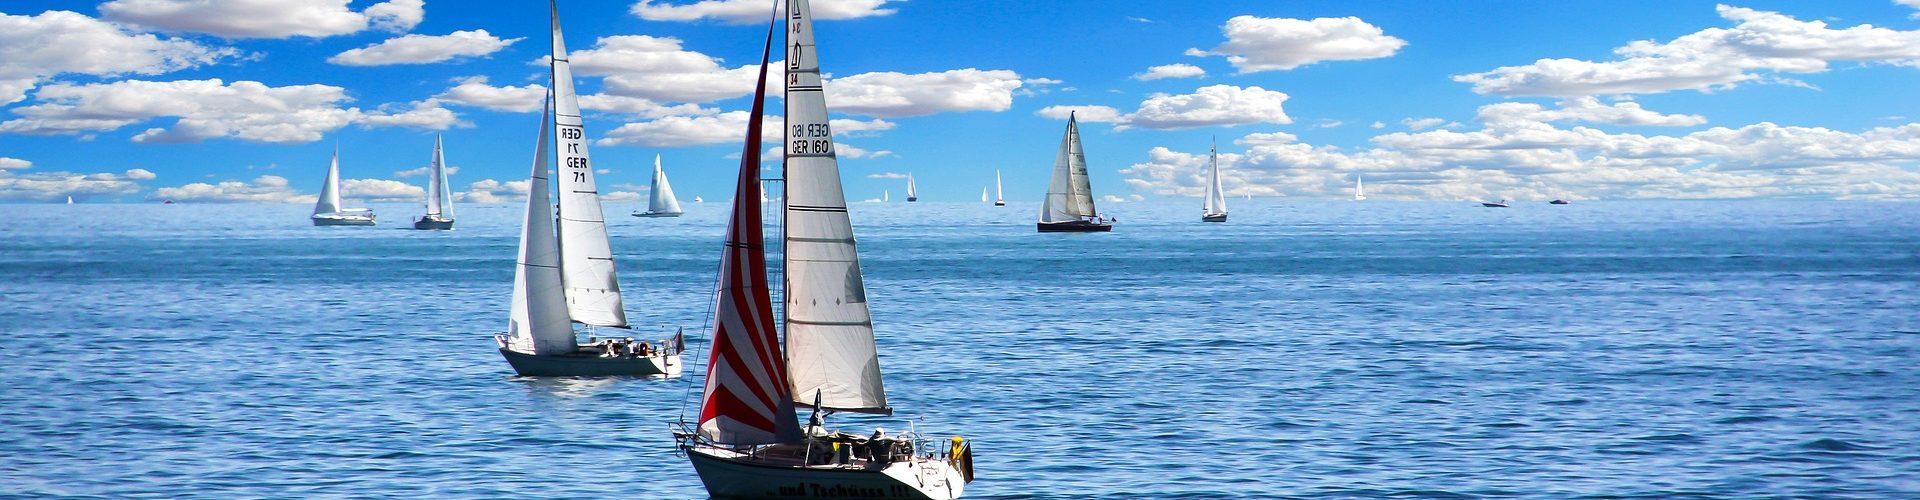 segeln lernen in Weyhe segelschein machen in Weyhe 1920x500 - Segeln lernen in Weyhe